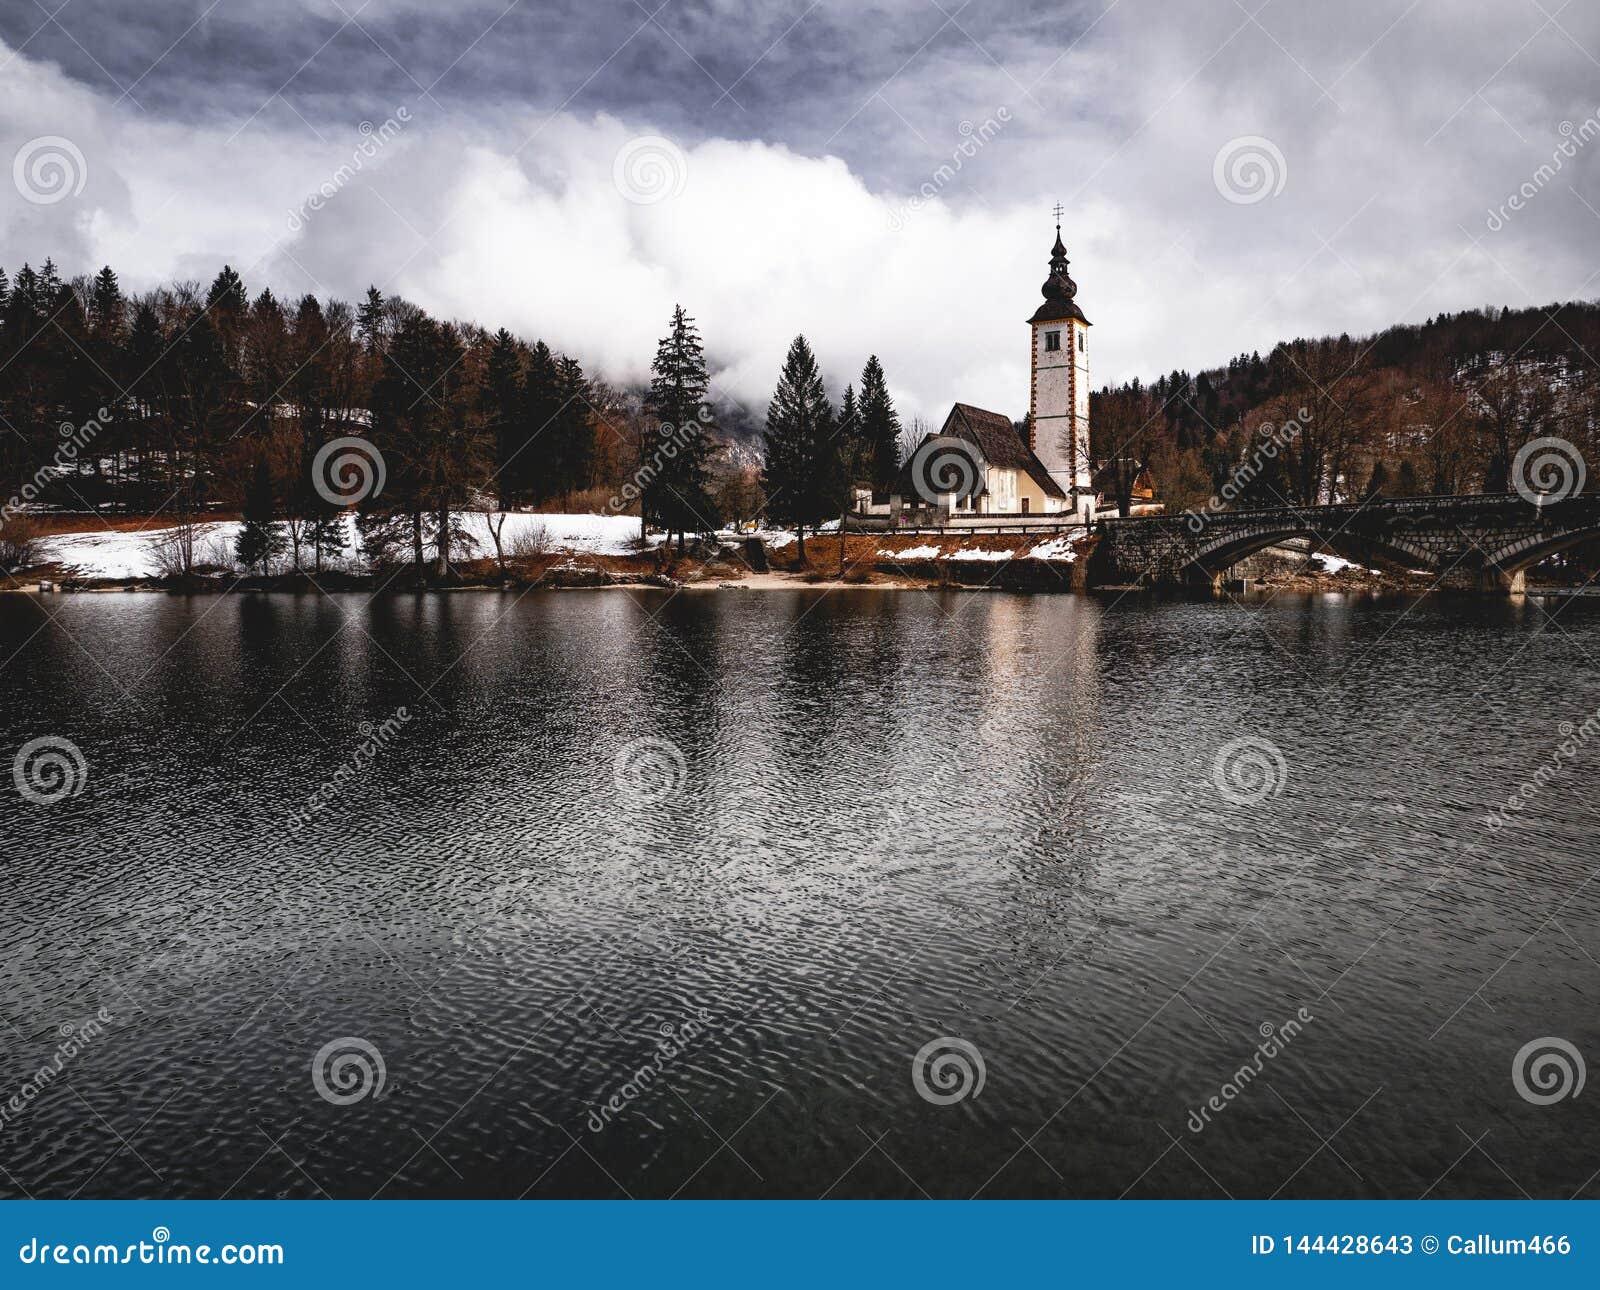 Meer zijkerk met beboste achtergrond